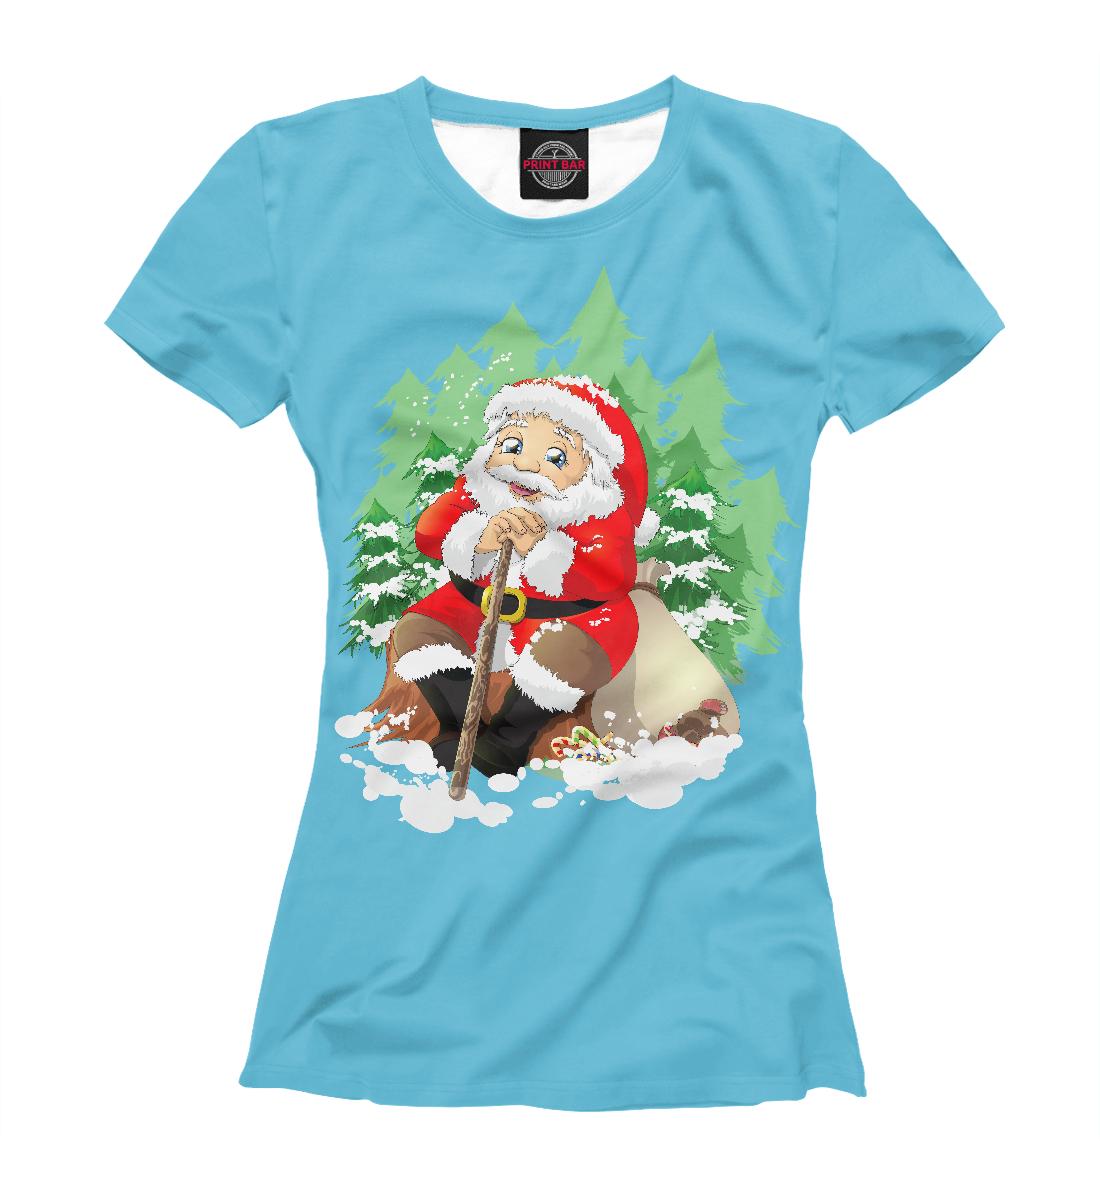 Купить Дед Мороз, Printbar, Футболки, DMZ-313847-fut-1